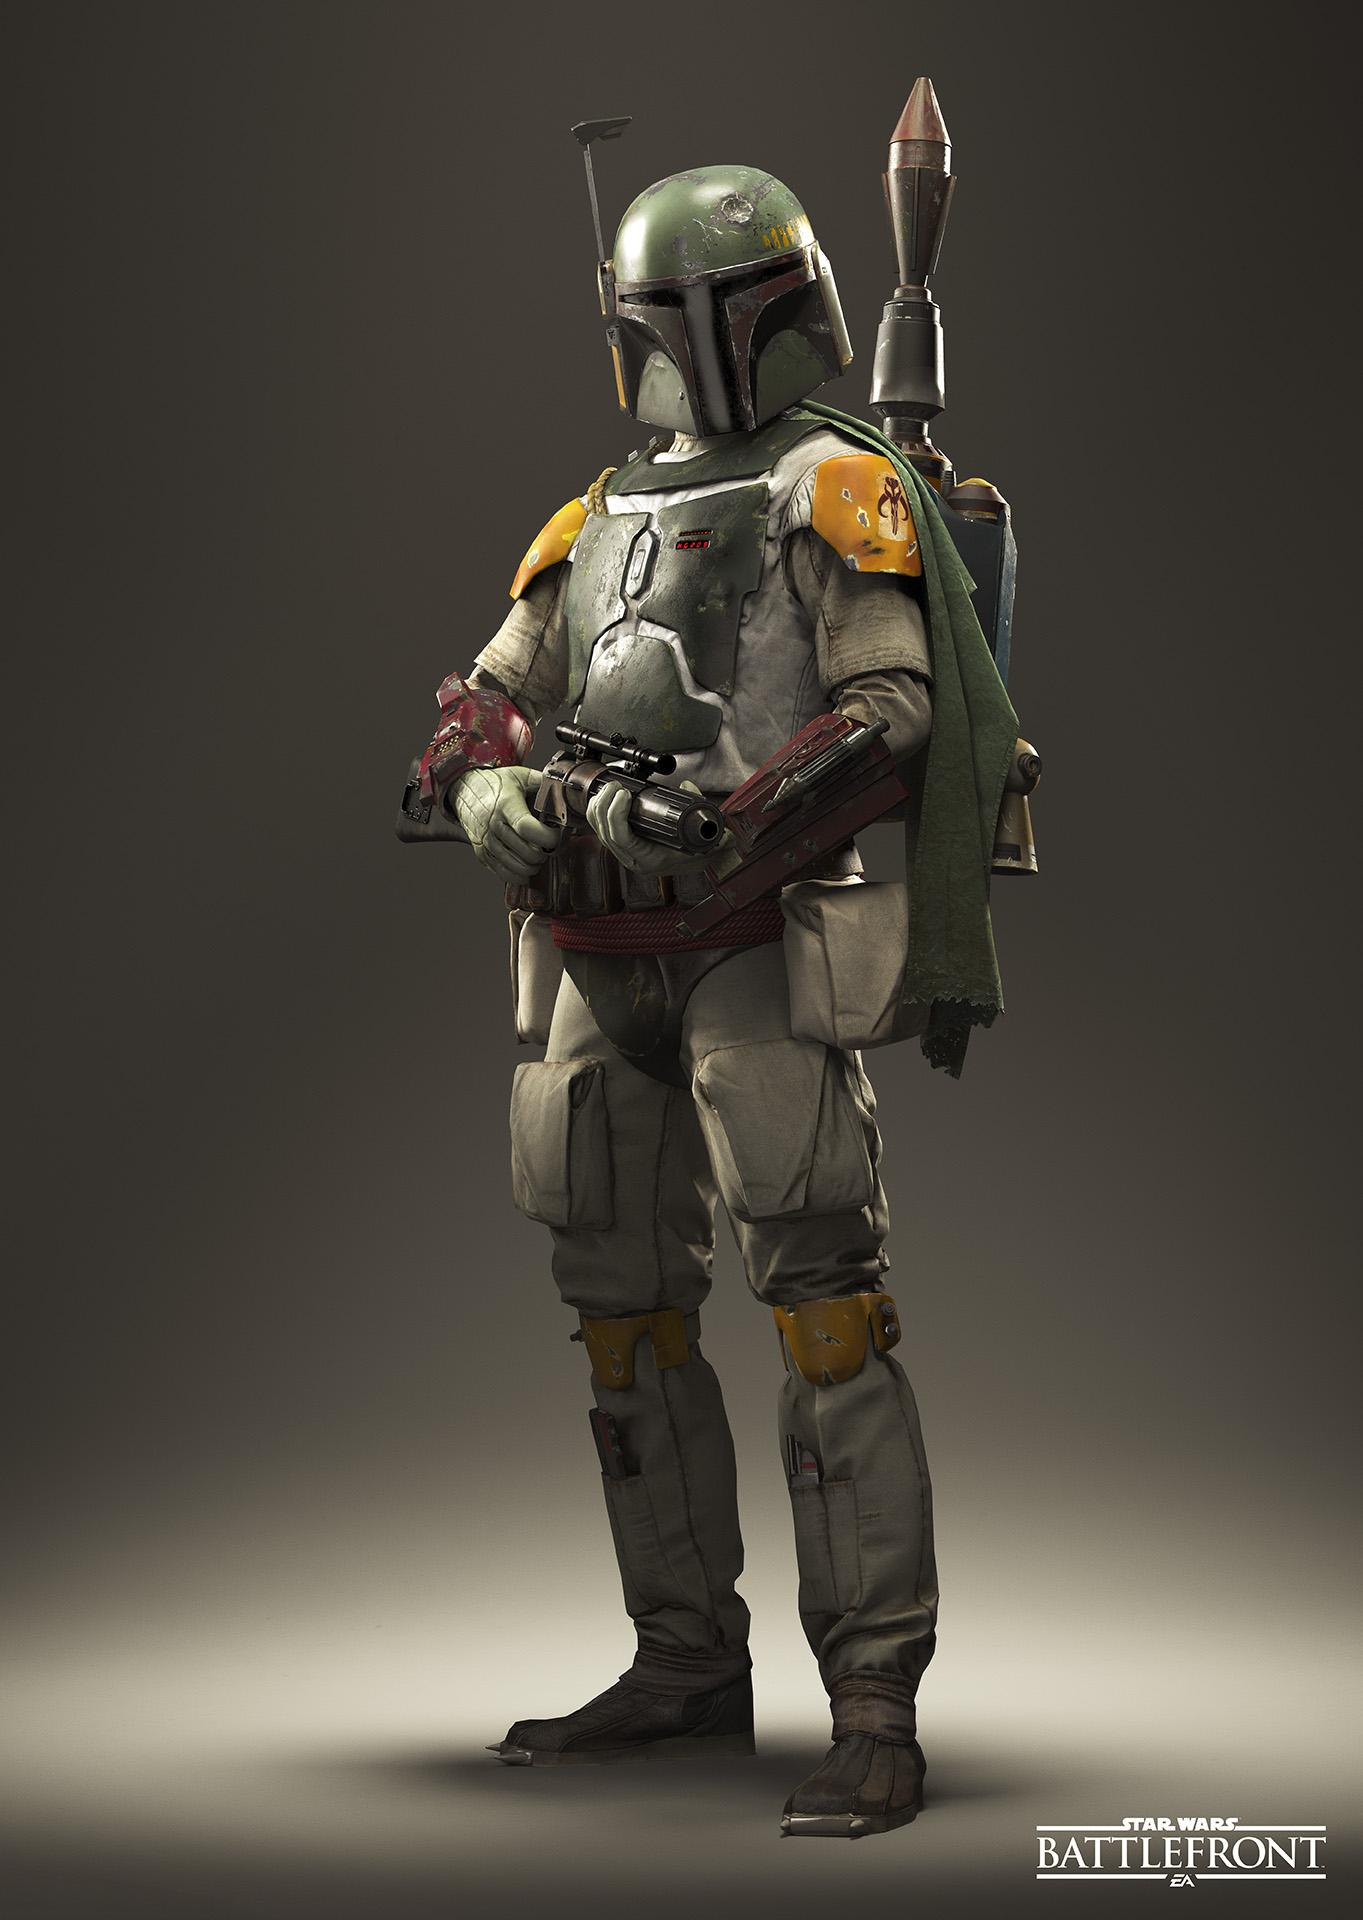 http://image.jeuxvideo.com/medias/143453/1434528111-516-artwork-e3.jpg